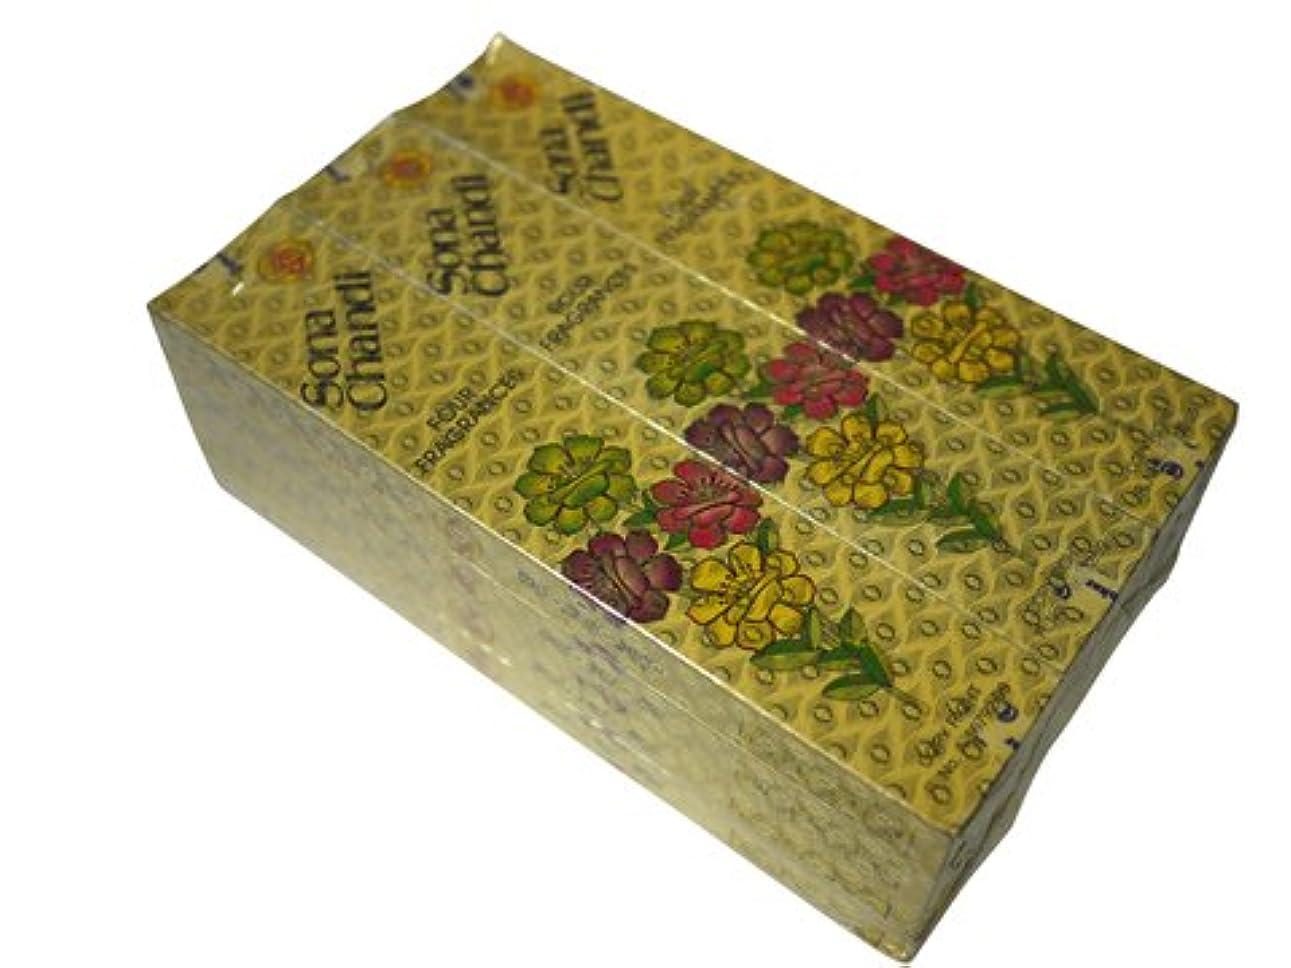 贈り物差別的損傷SHANKAR'S(シャンカーズ) ソナチャンディ香 スティック SONA CHANDI 12箱セット